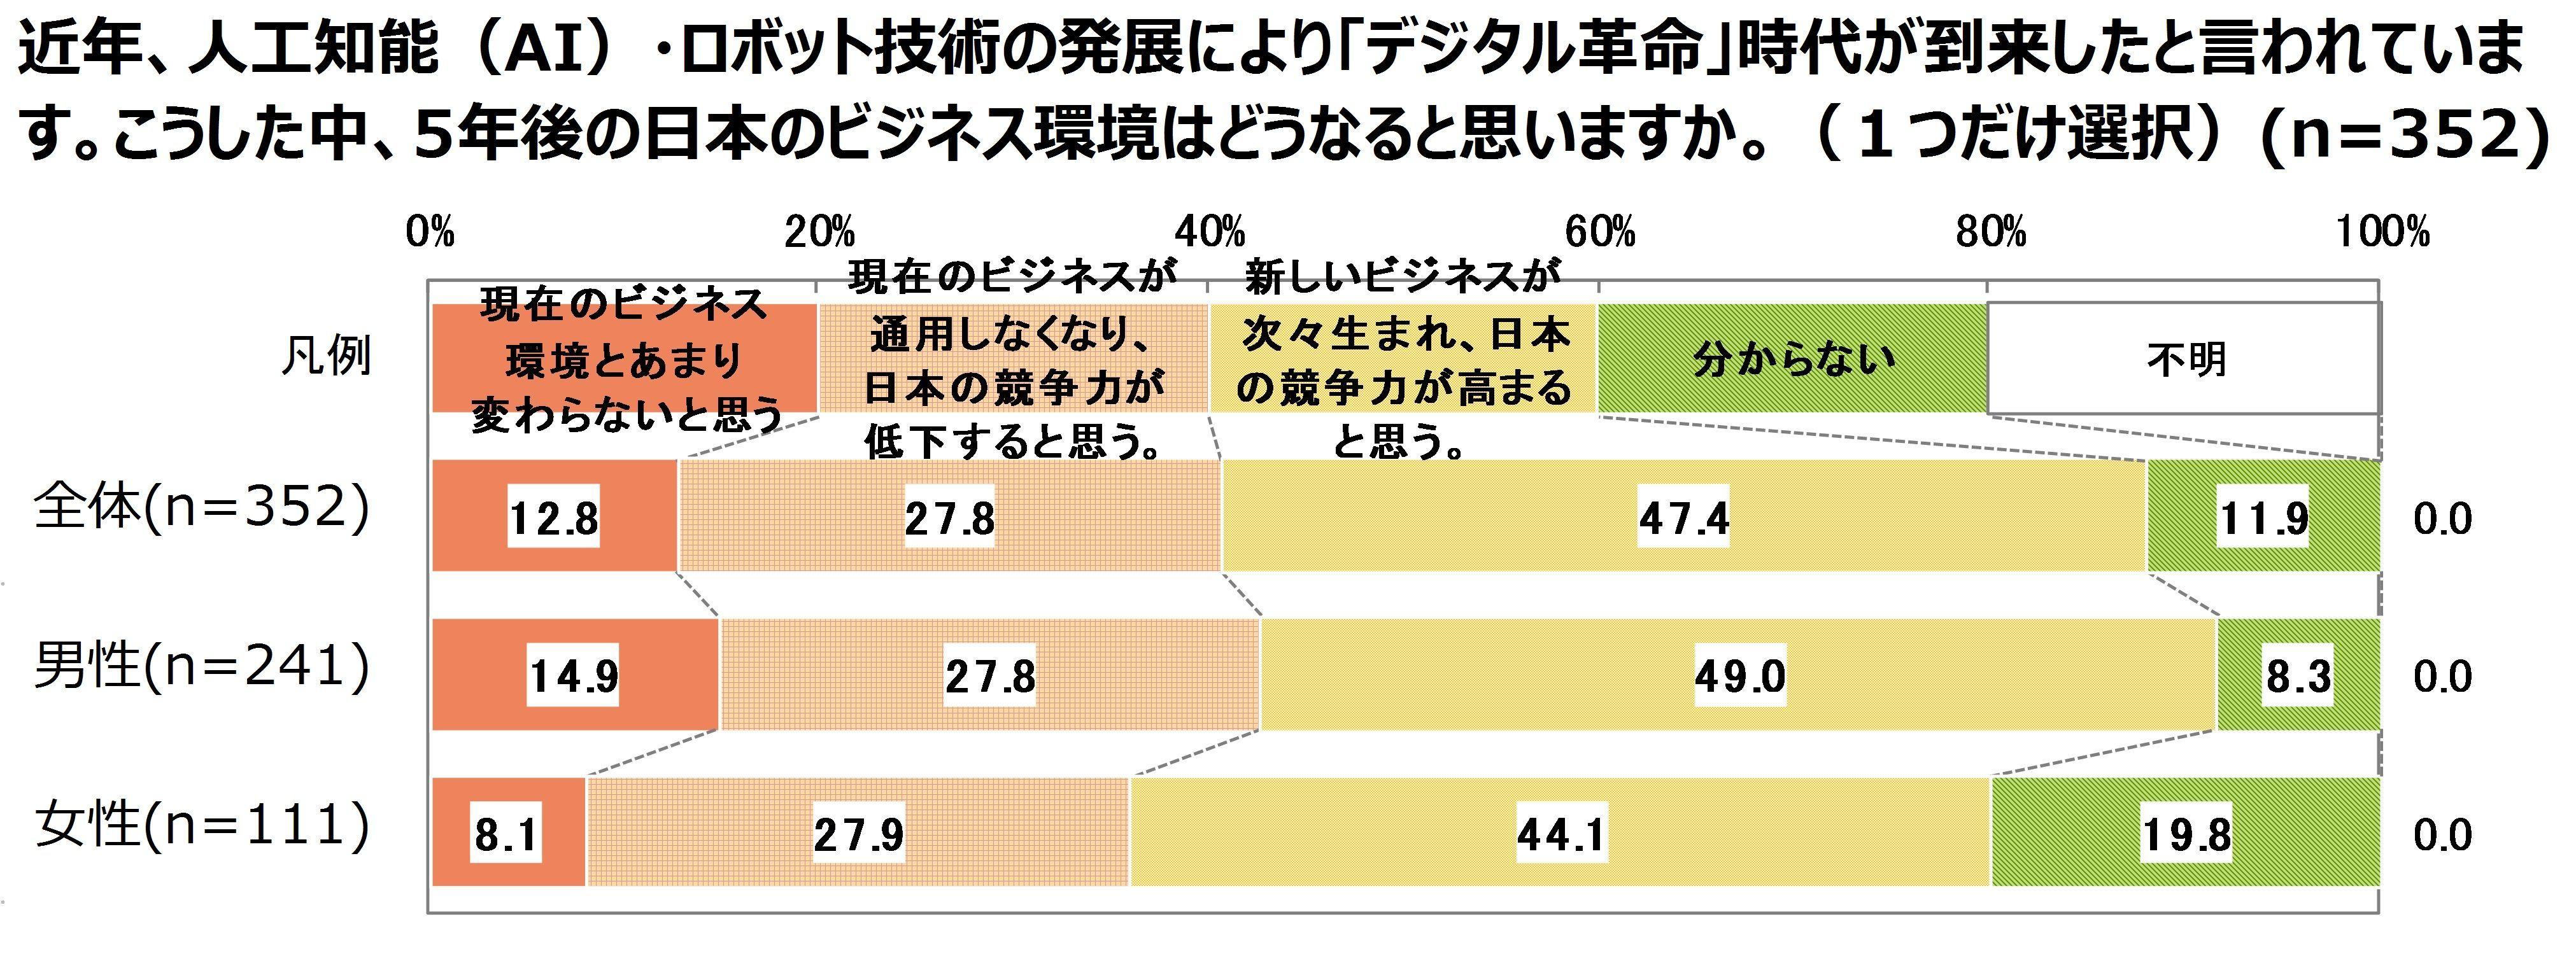 https://www.atpress.ne.jp/releases/154239/img_154239_2.jpg